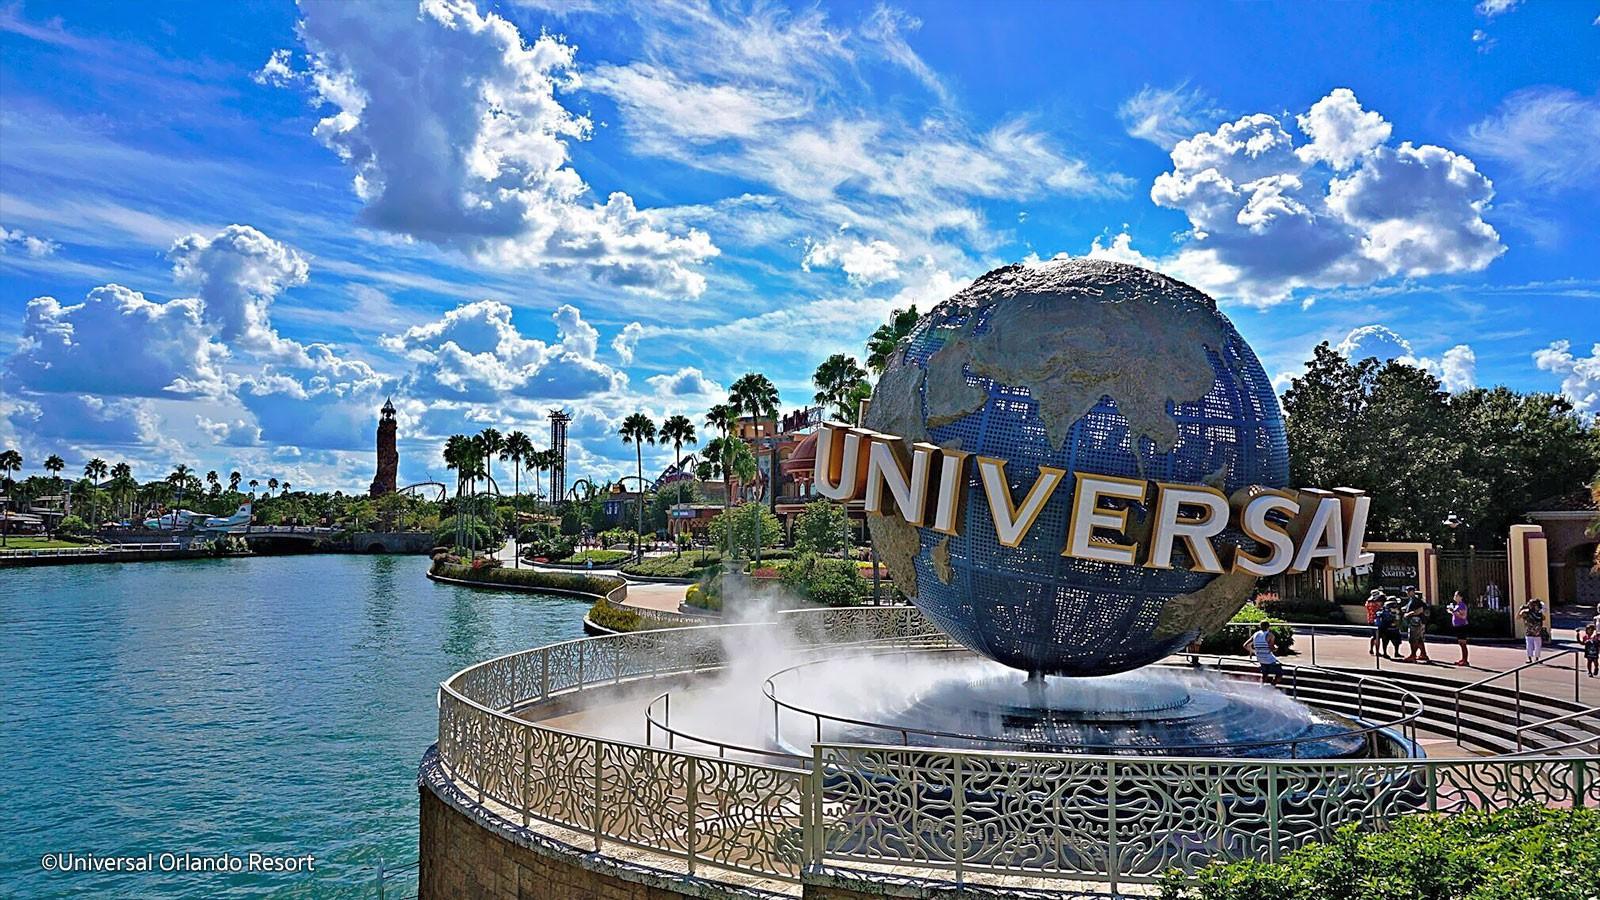 Sang Mỹ chơi, vợ chồng Lee Byung Hun và mỹ nhân Vườn sao băng tiện tay tậu luôn nhà 46 tỉ gần Universal Studios - Ảnh 3.